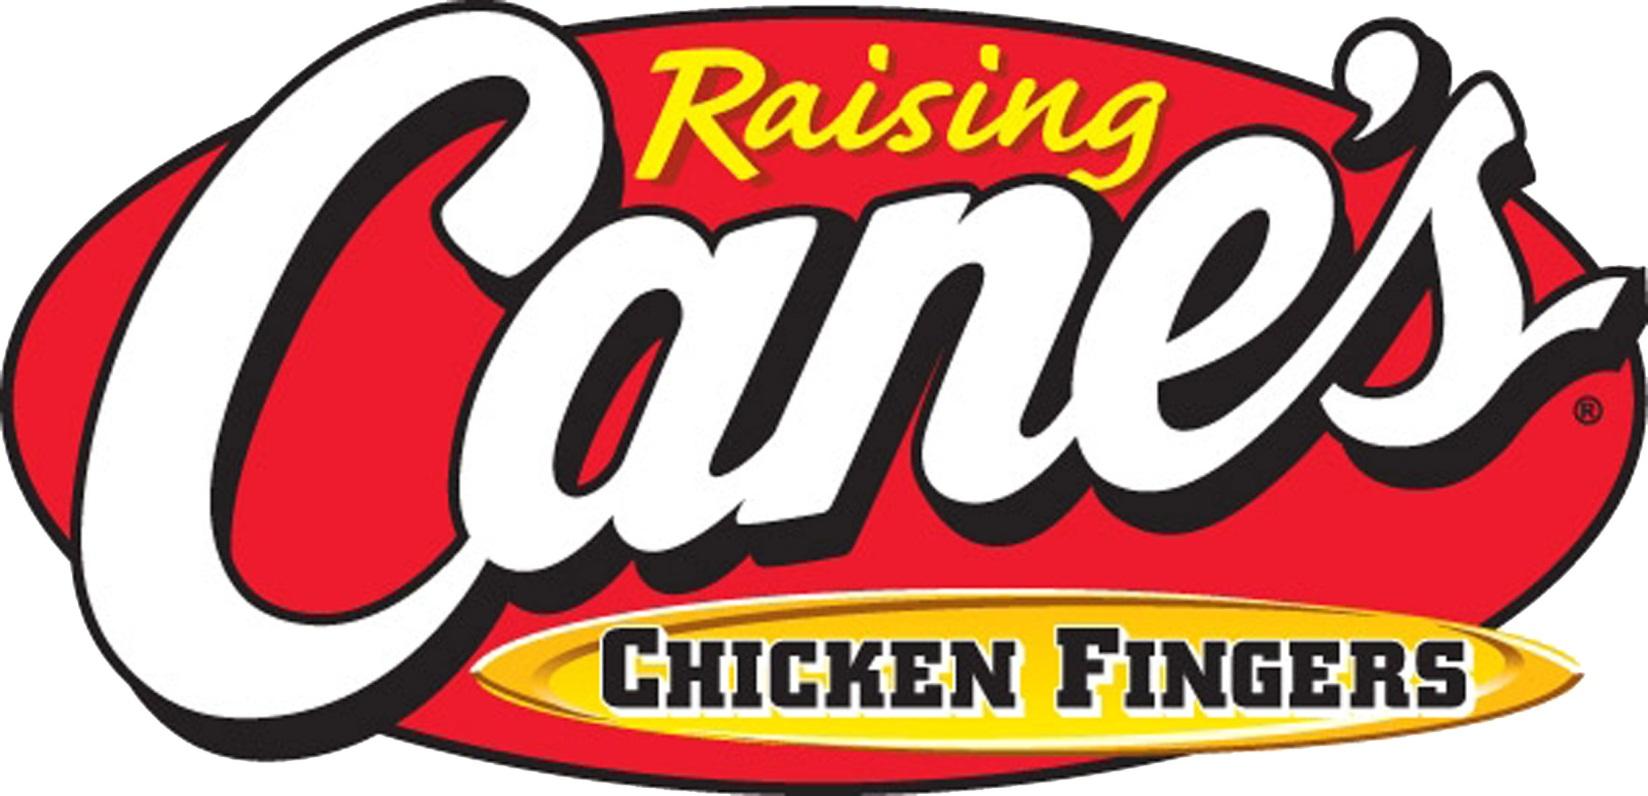 Raising Canes